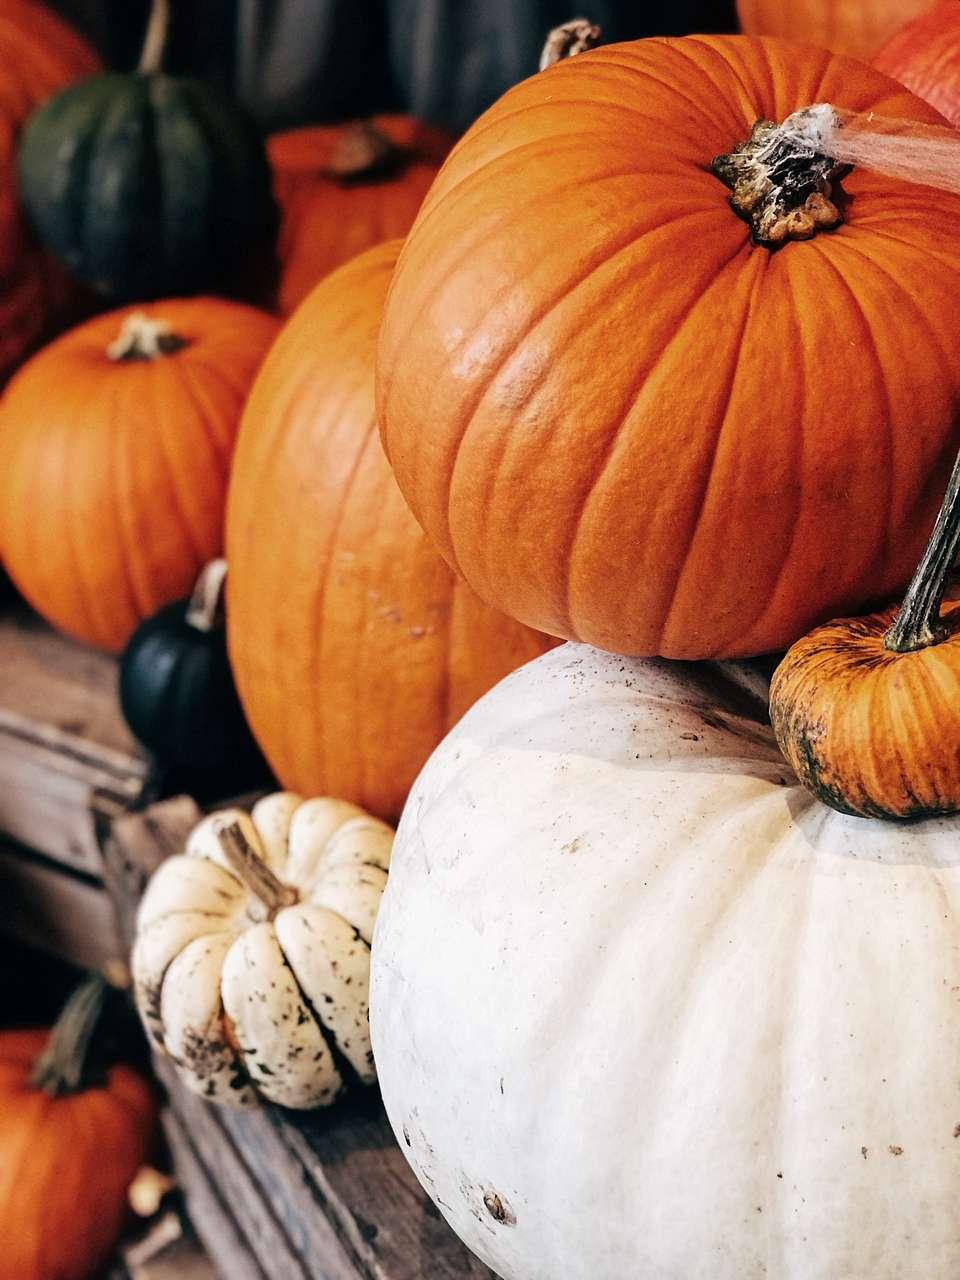 Pumpkins piled up